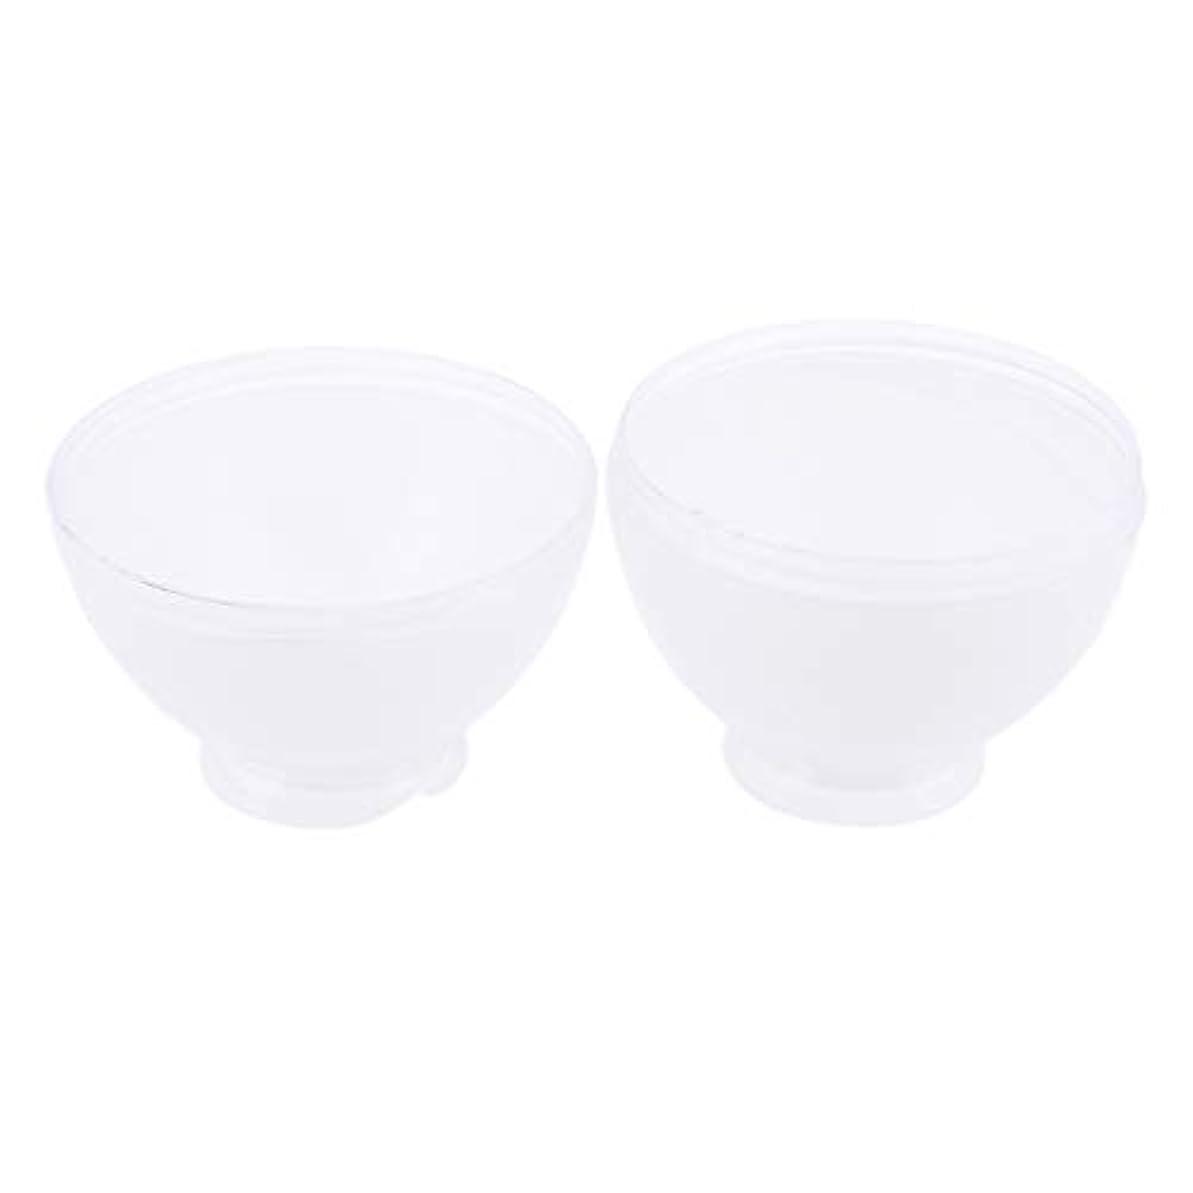 外側干渉する気づくDYNWAVE カラーボウル ヘアカラー ミキシングボトル プロ 美容師 キャンディー形状 便利 漏れ防止 全3色 - 白